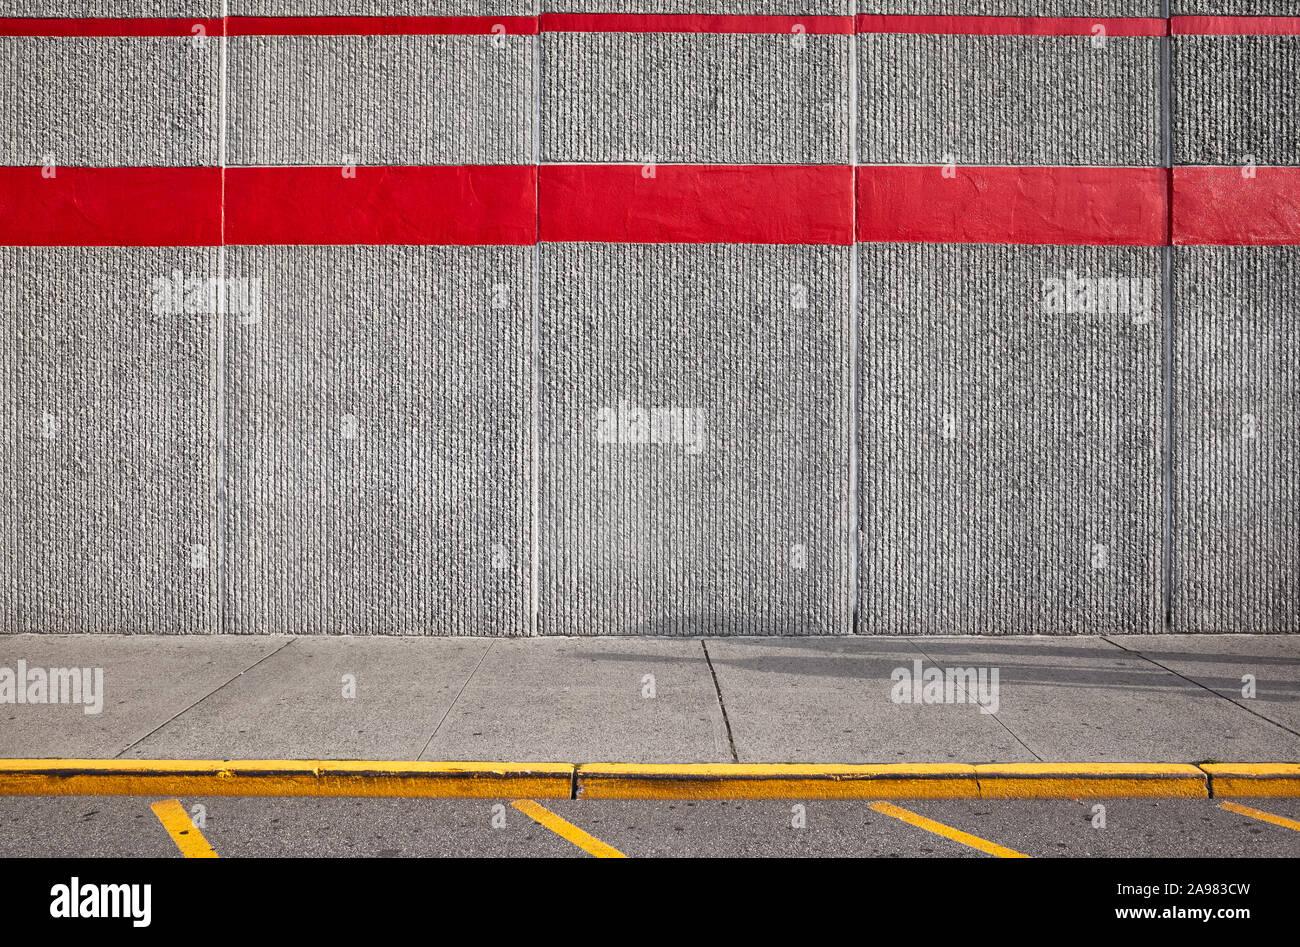 Marciapiede con parete in cemento, background urbano. Foto Stock